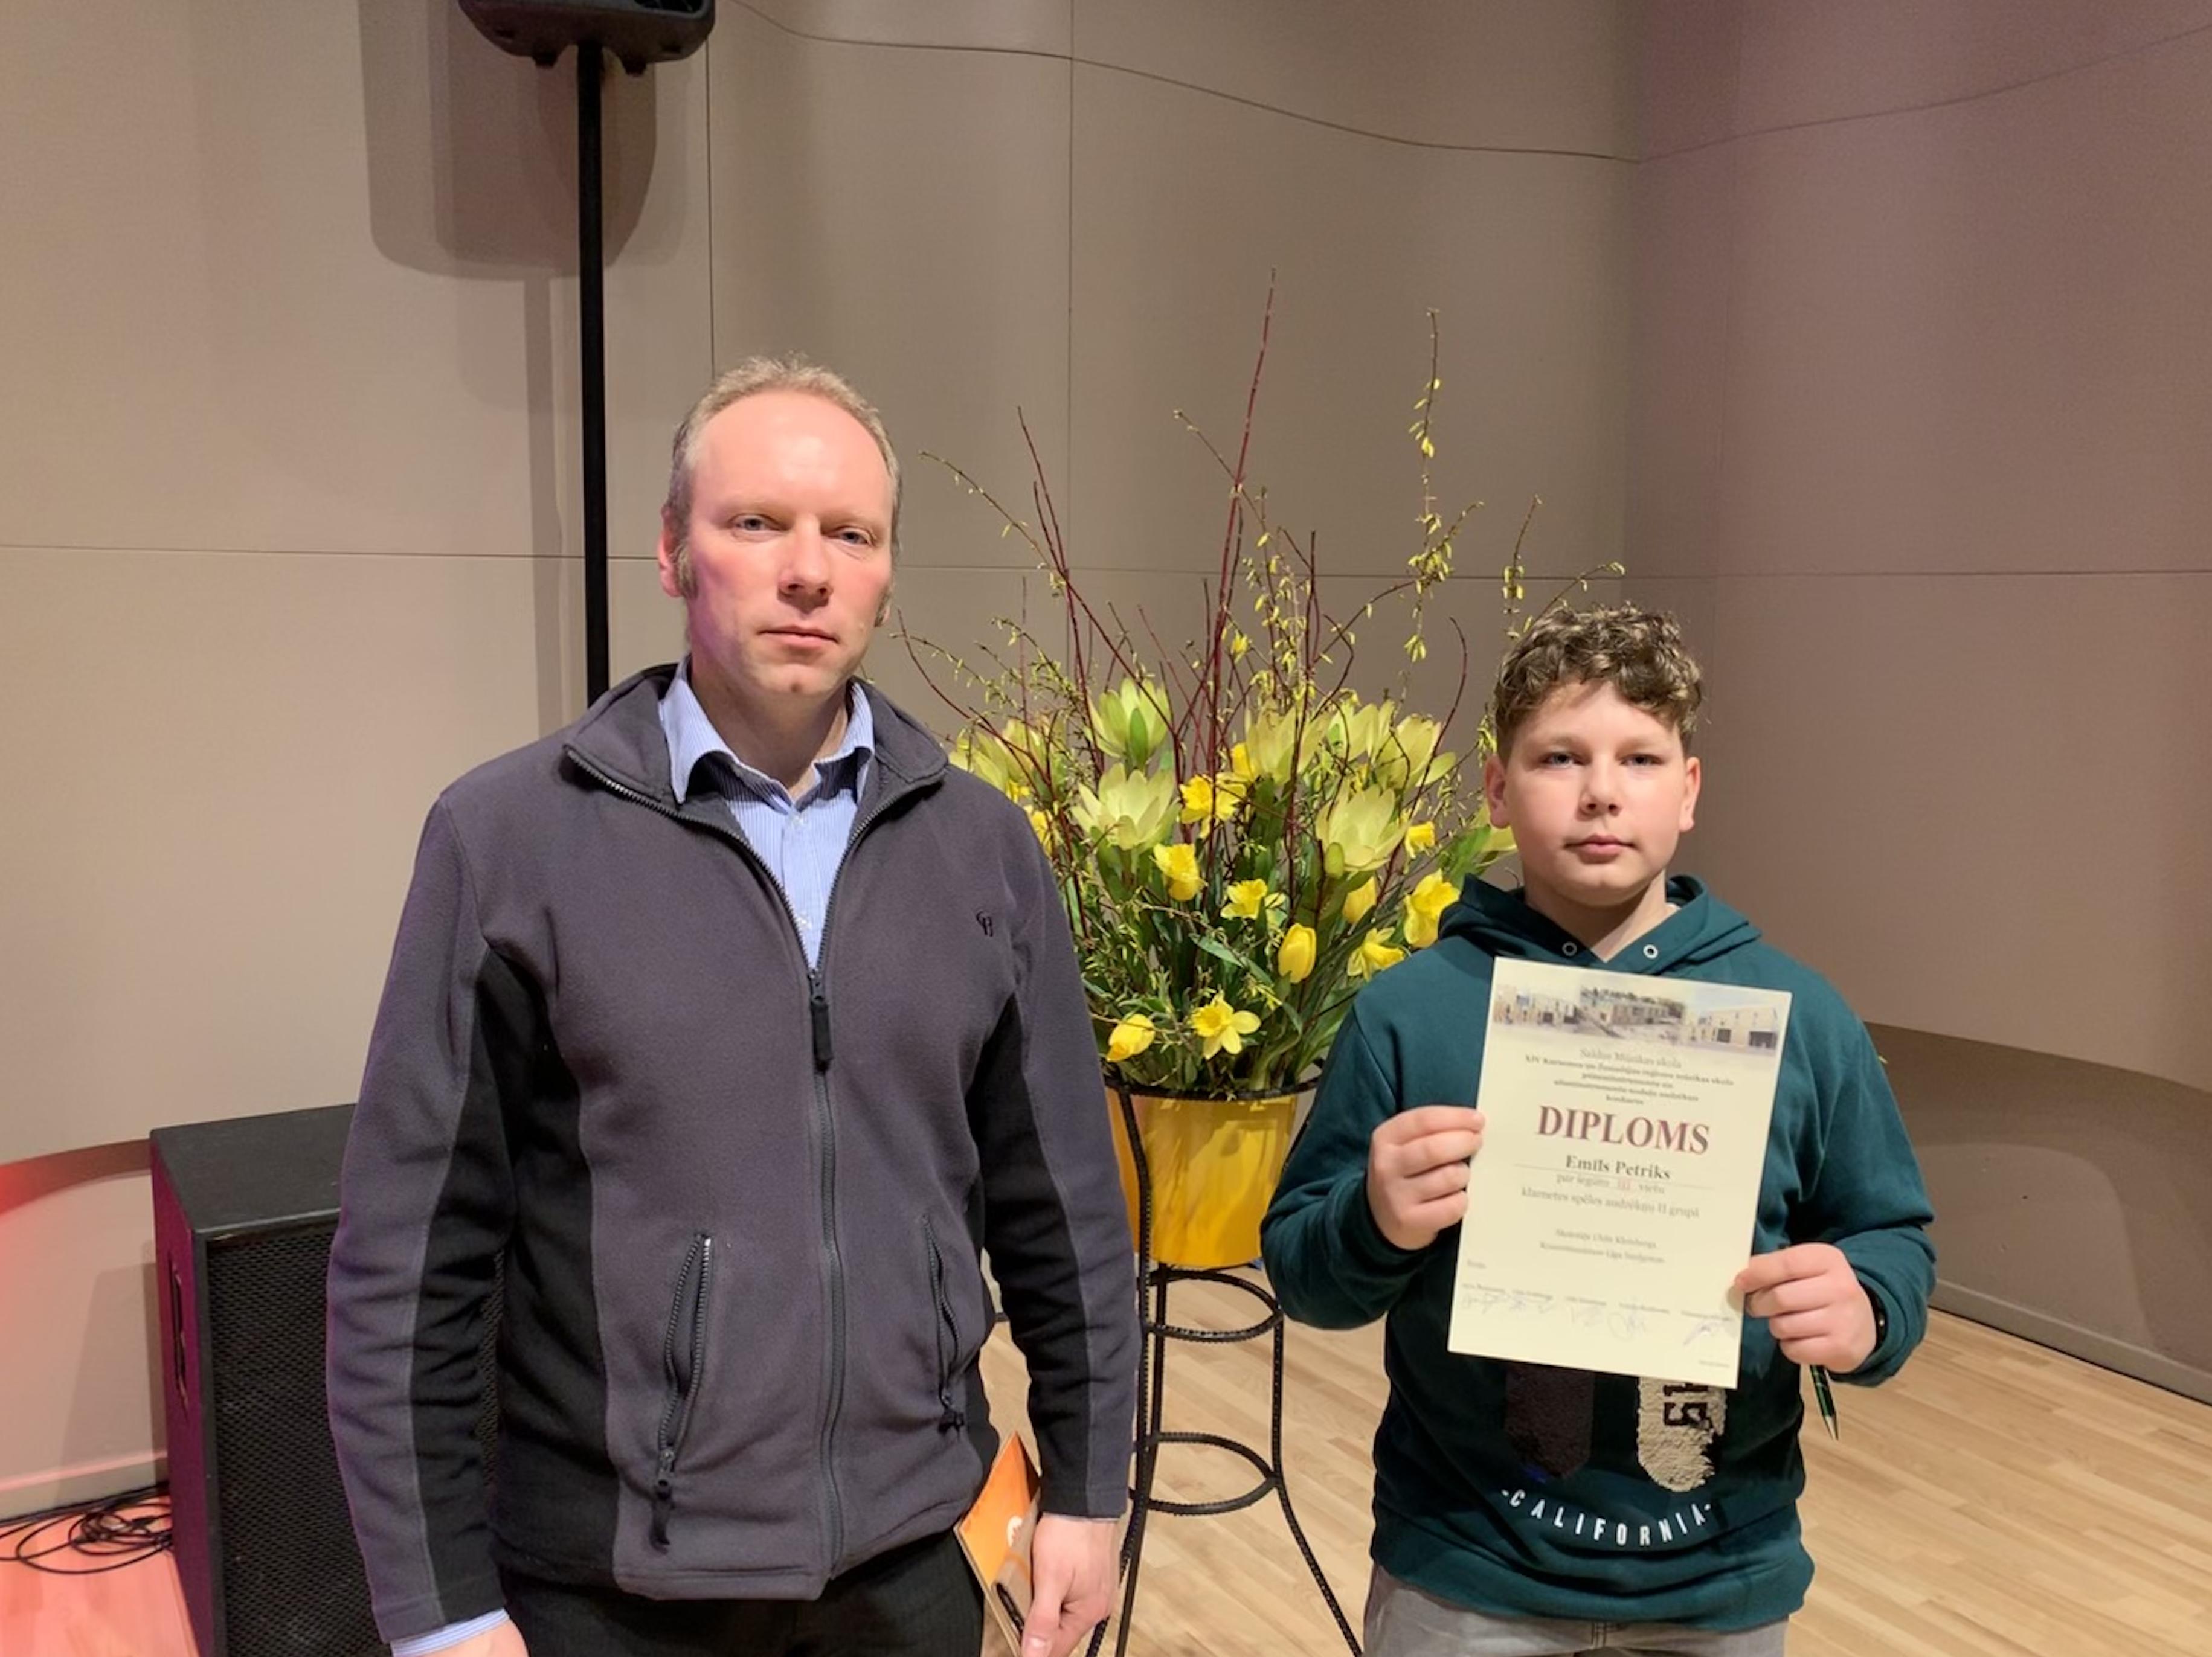 XIV Kurzemes un Žemaitijas reģionu mūzikas skolu pūšaminstrumentu un sitaminstrumentu nodaļu audzēkņu konkurss